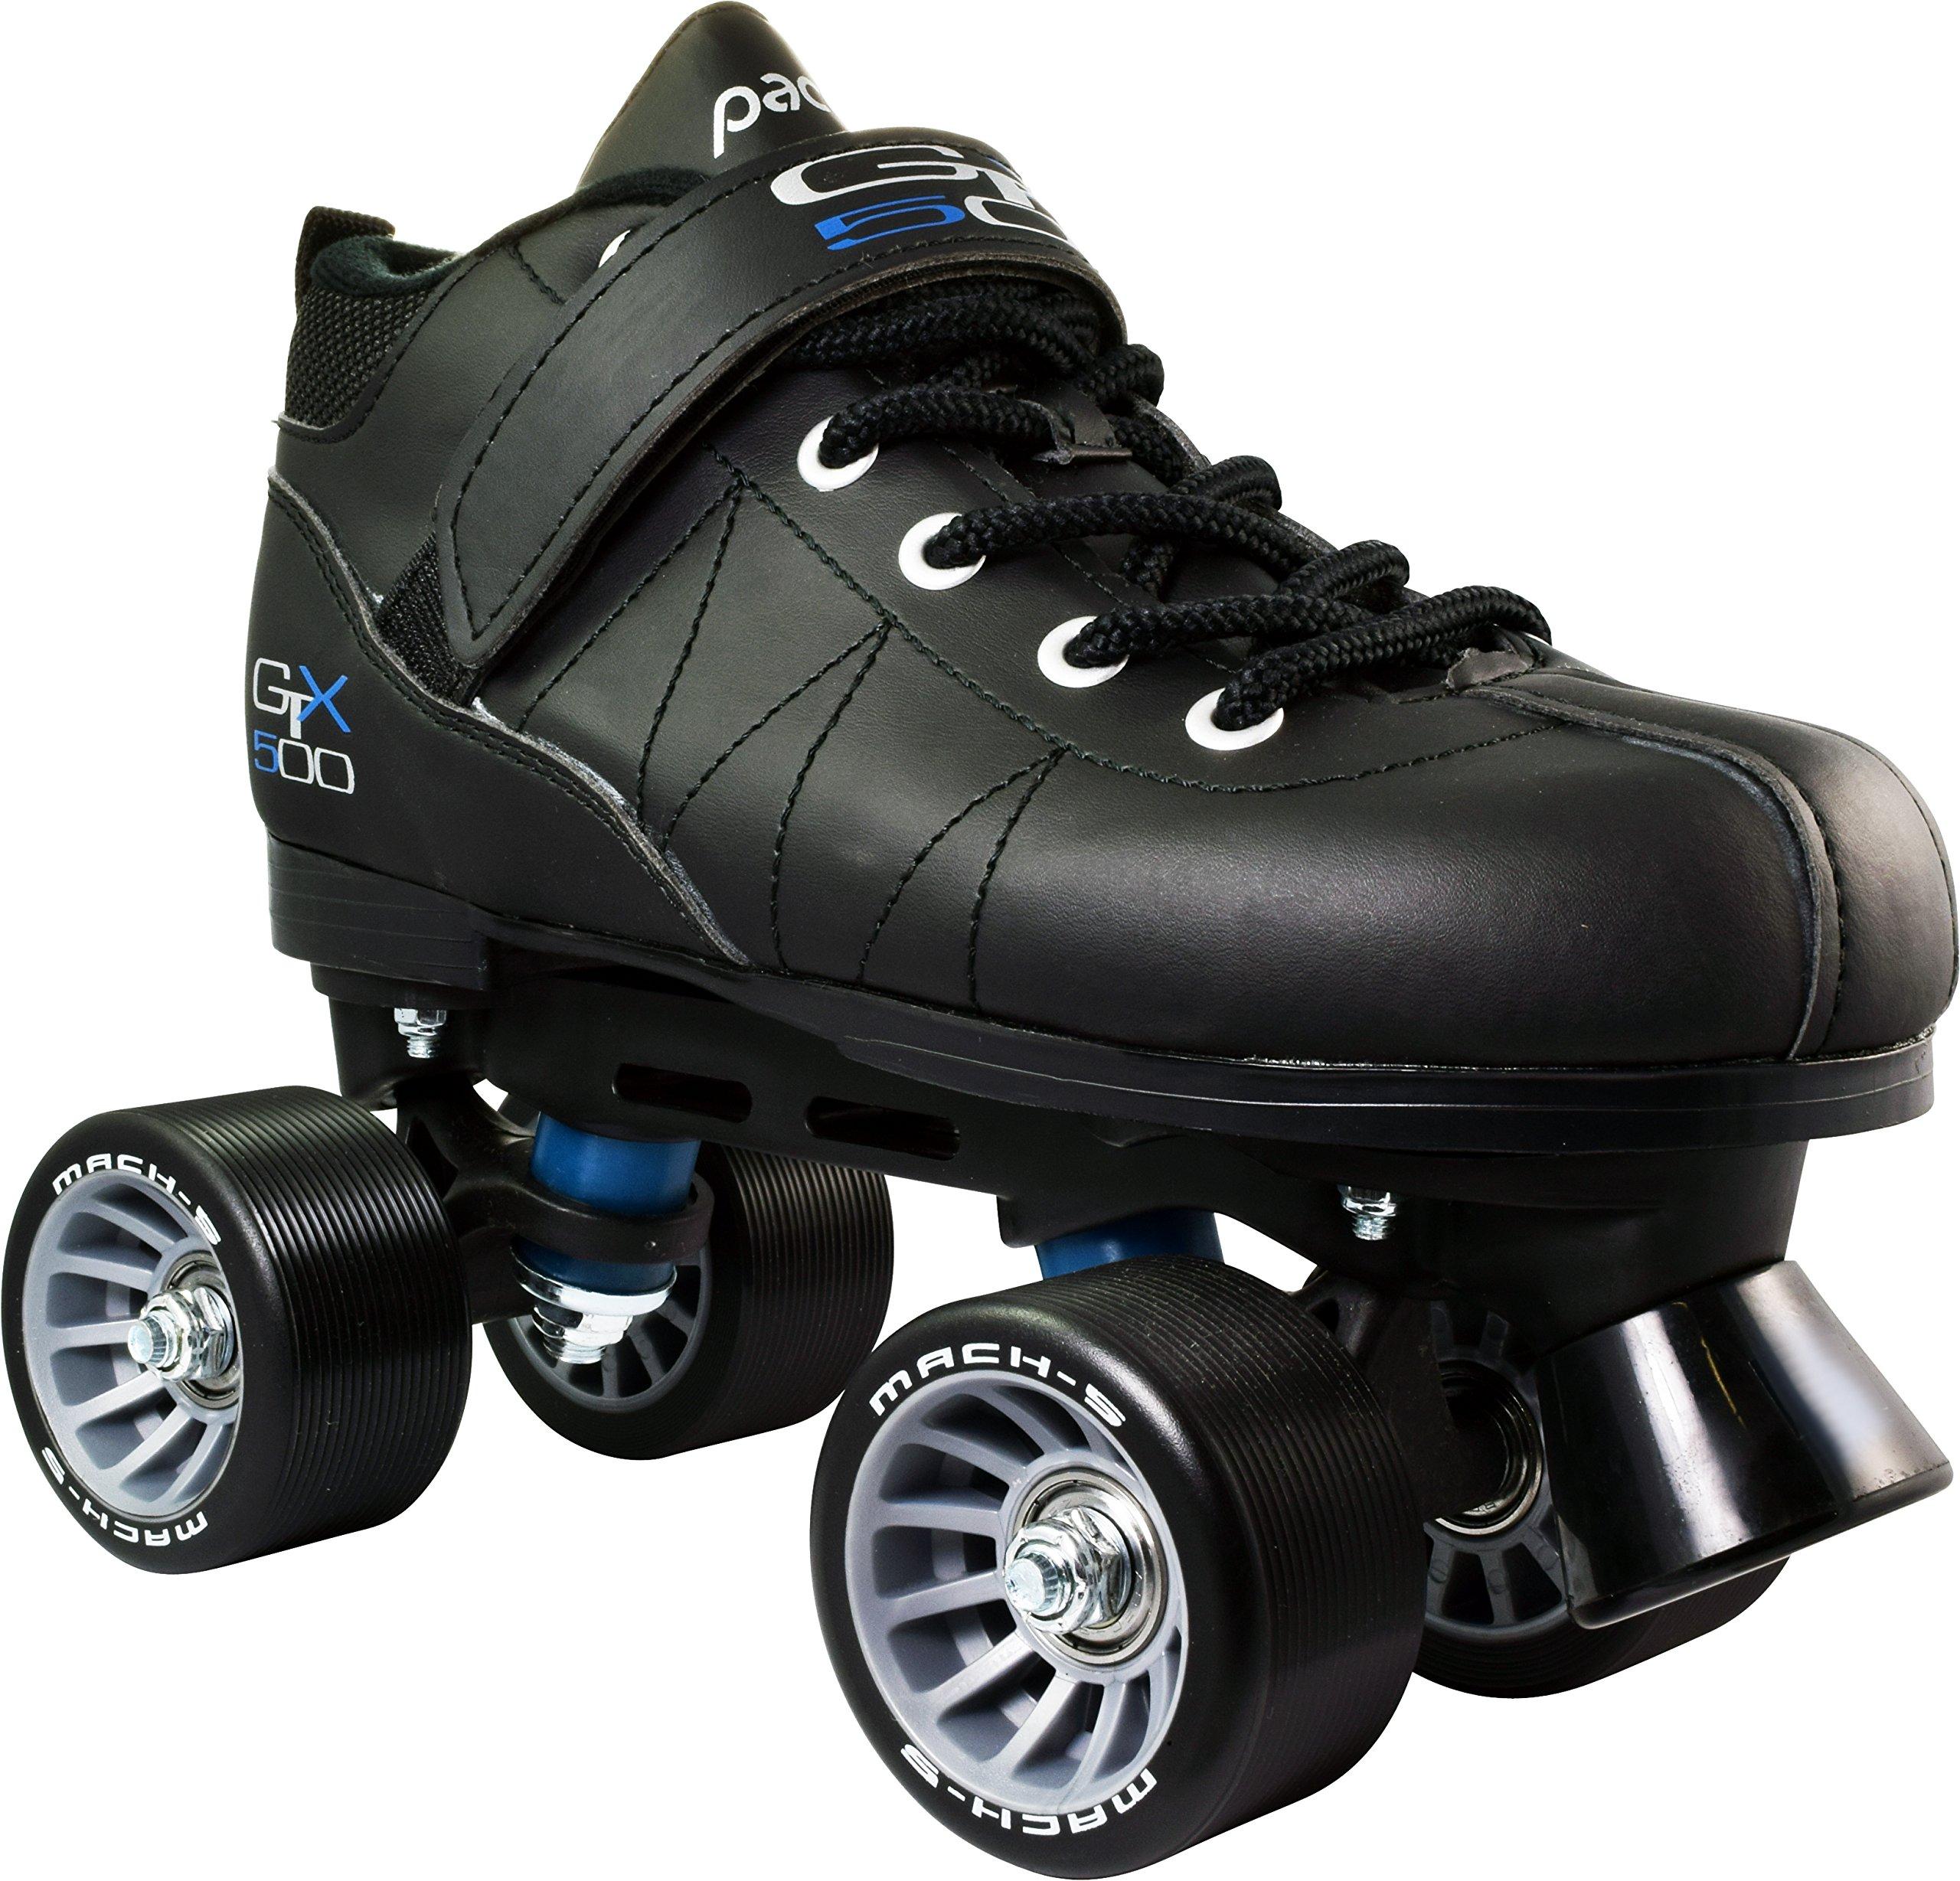 Pacer GTX-500 Roller Skates - Black